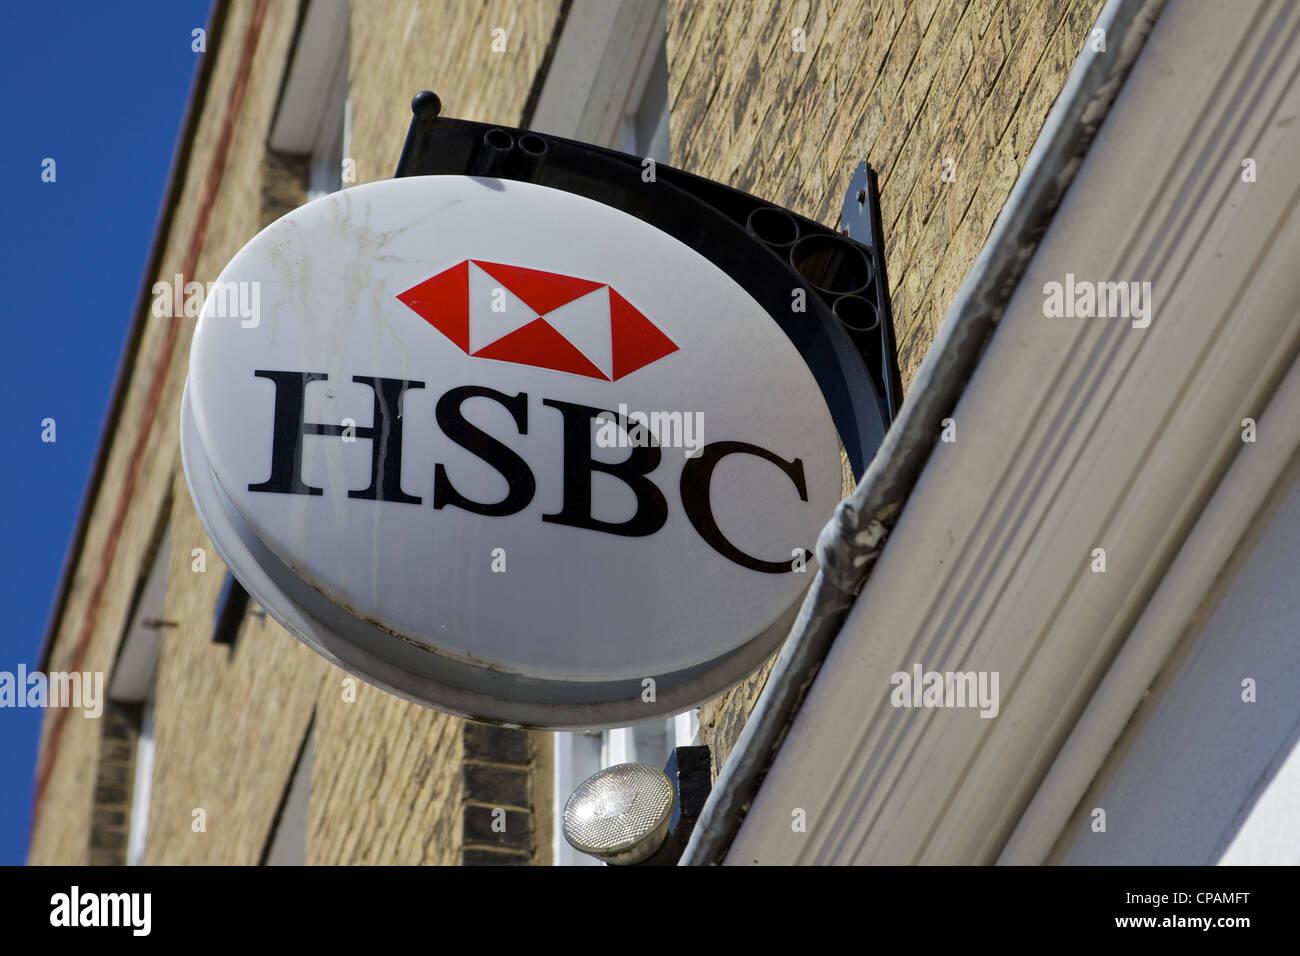 A HSBC bank sign, England - Stock Image